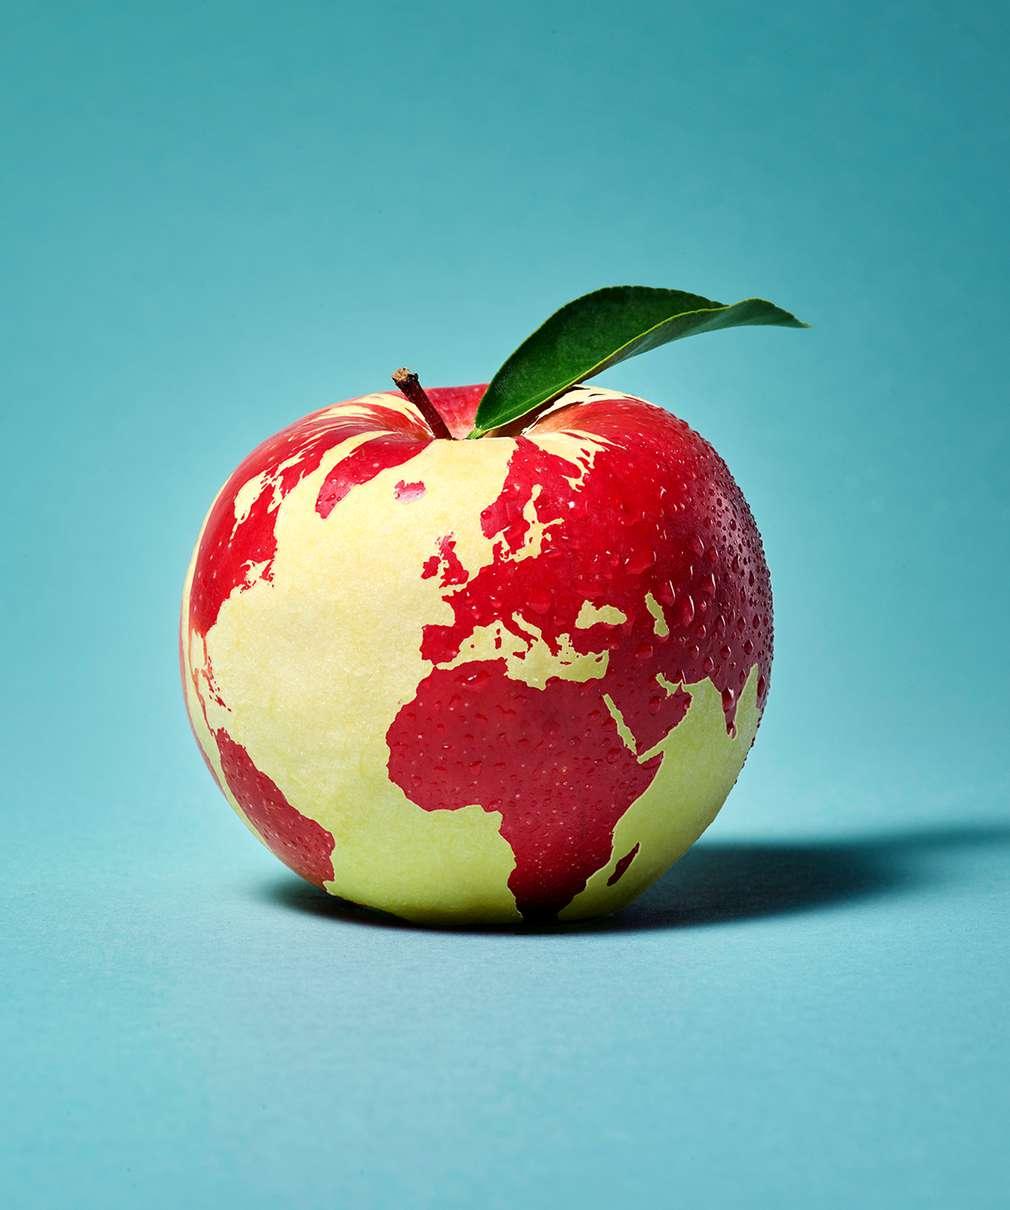 Изображение на земното кълбо във вид на ябълка